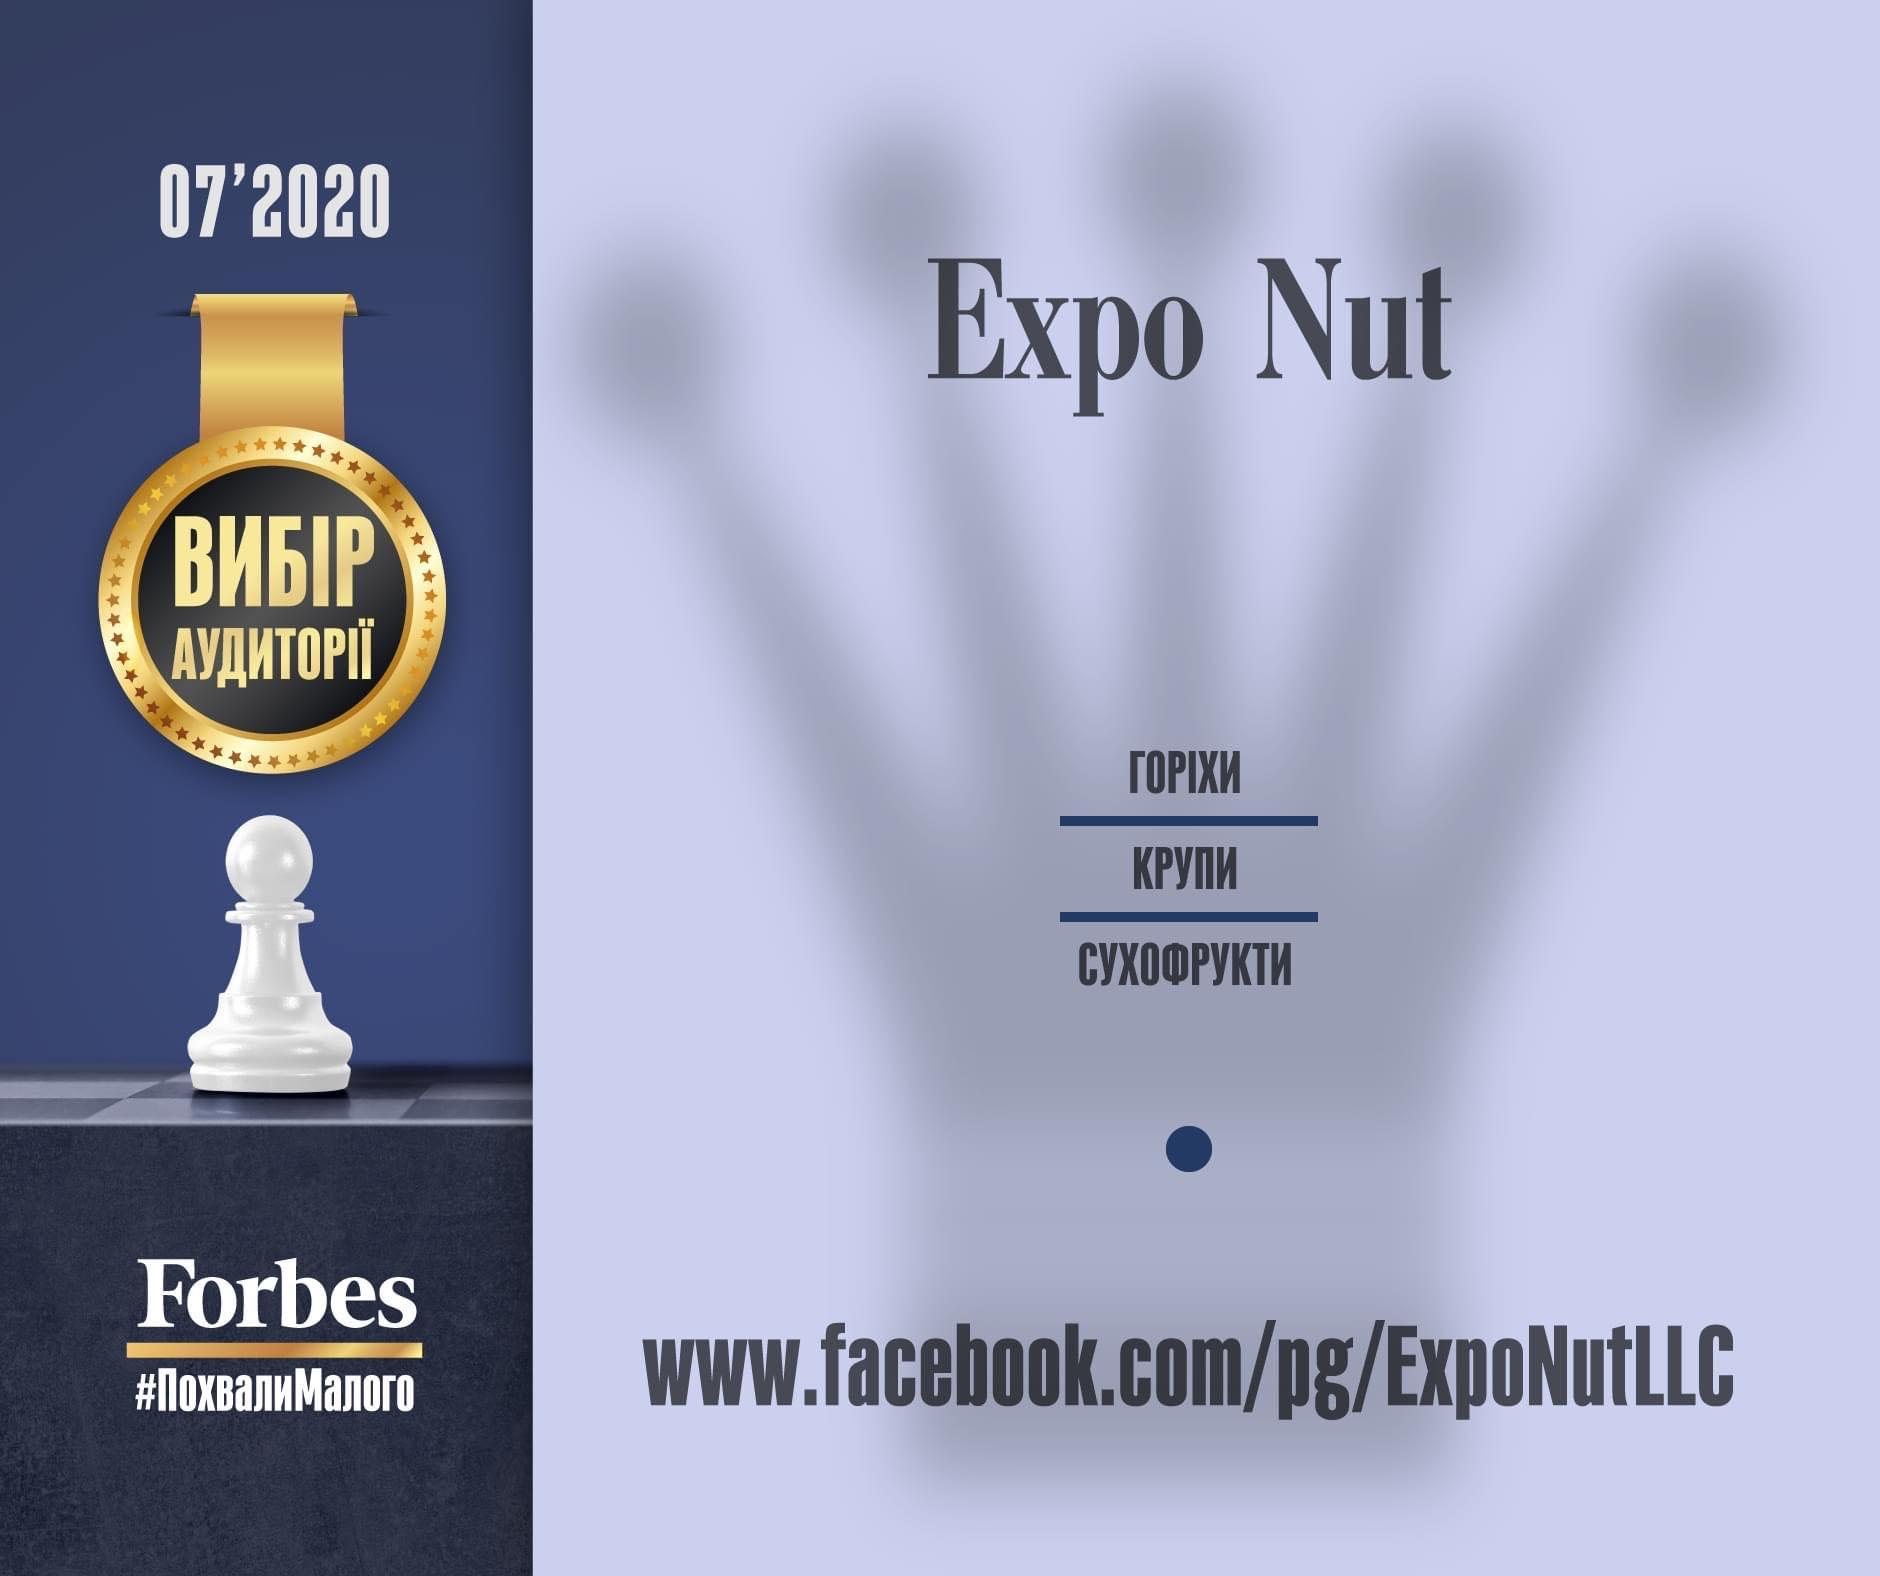 Expo Nut